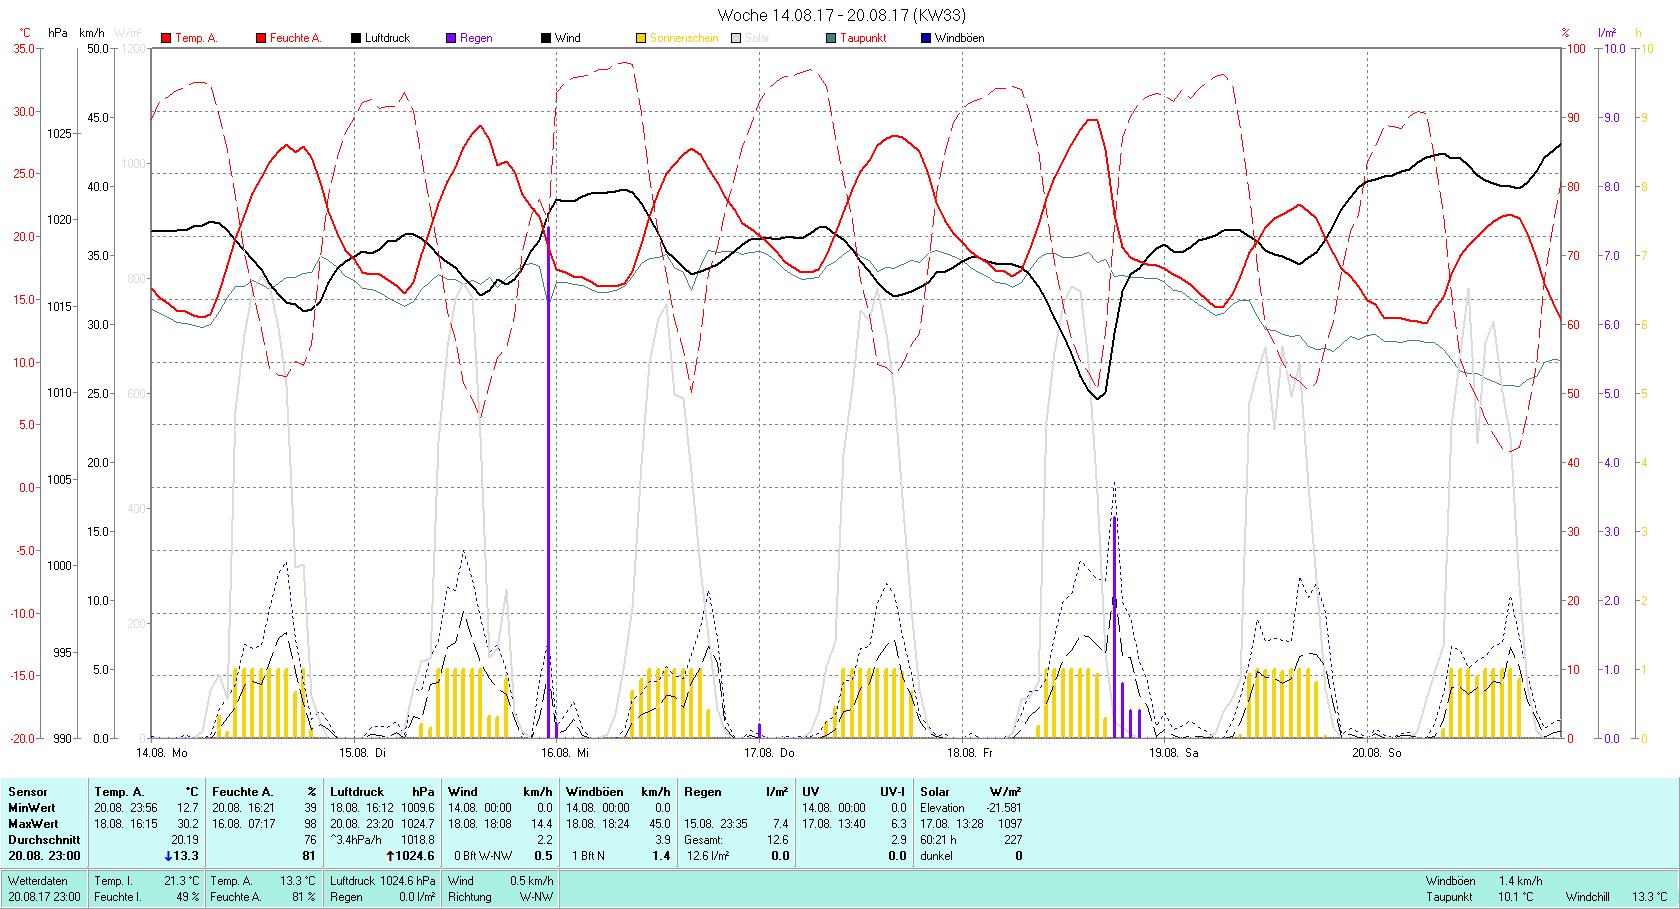 KW 33 Tmin 12.7°C, Tmax 30.2°C, Sonne 60:21 h Niederschlag 12.6 mm2